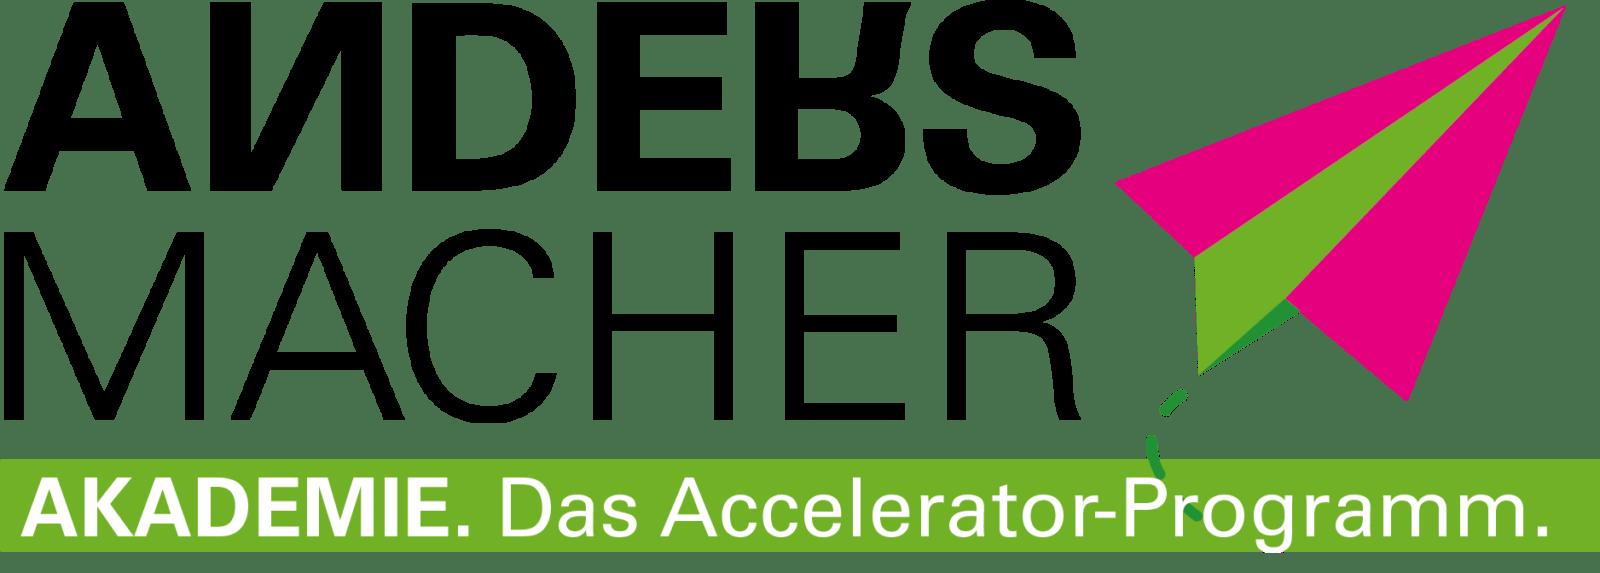 Andersmacher Grafiken für Akademie, das Accelerator-Programm